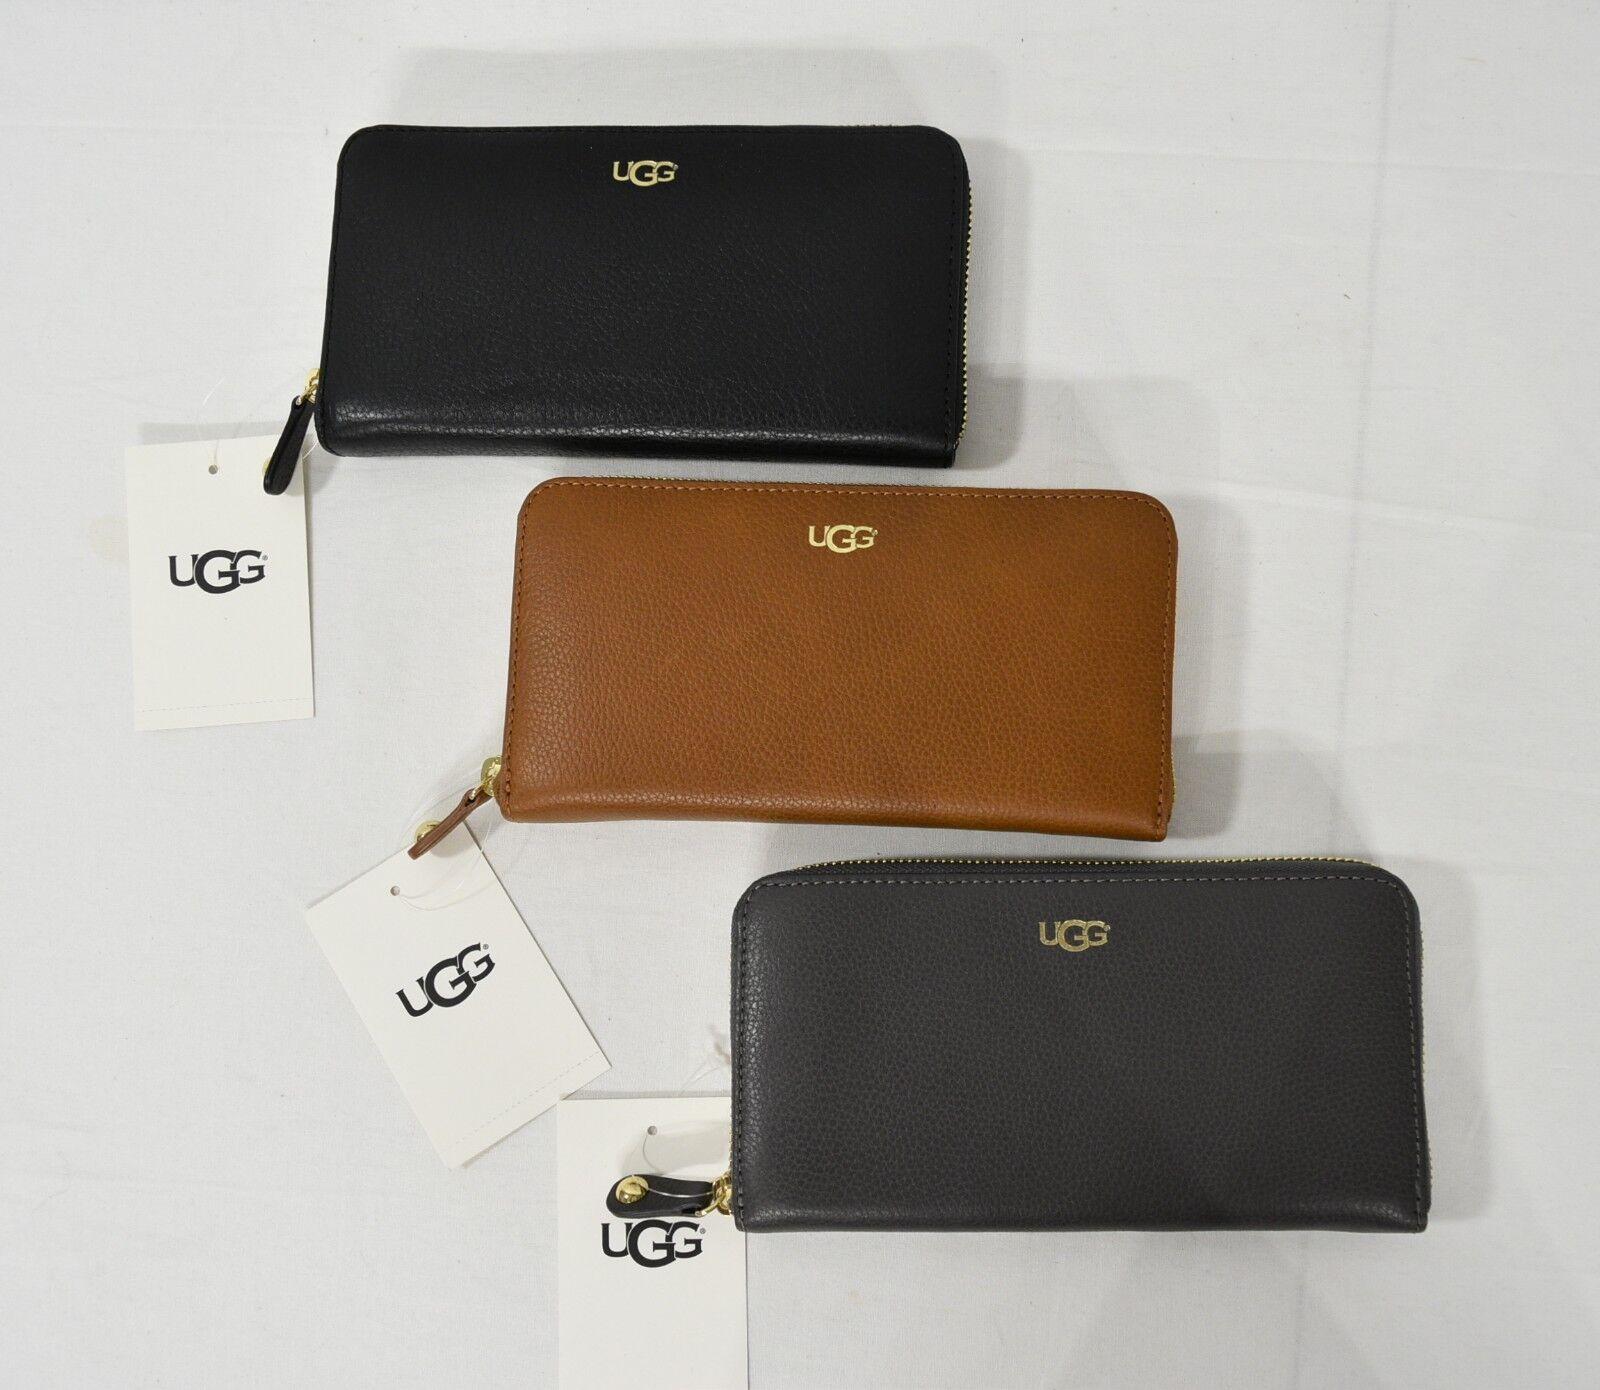 UGG Charlee Portefeuille en cuir avec fermeture éclair Continental en gris / noir / marron